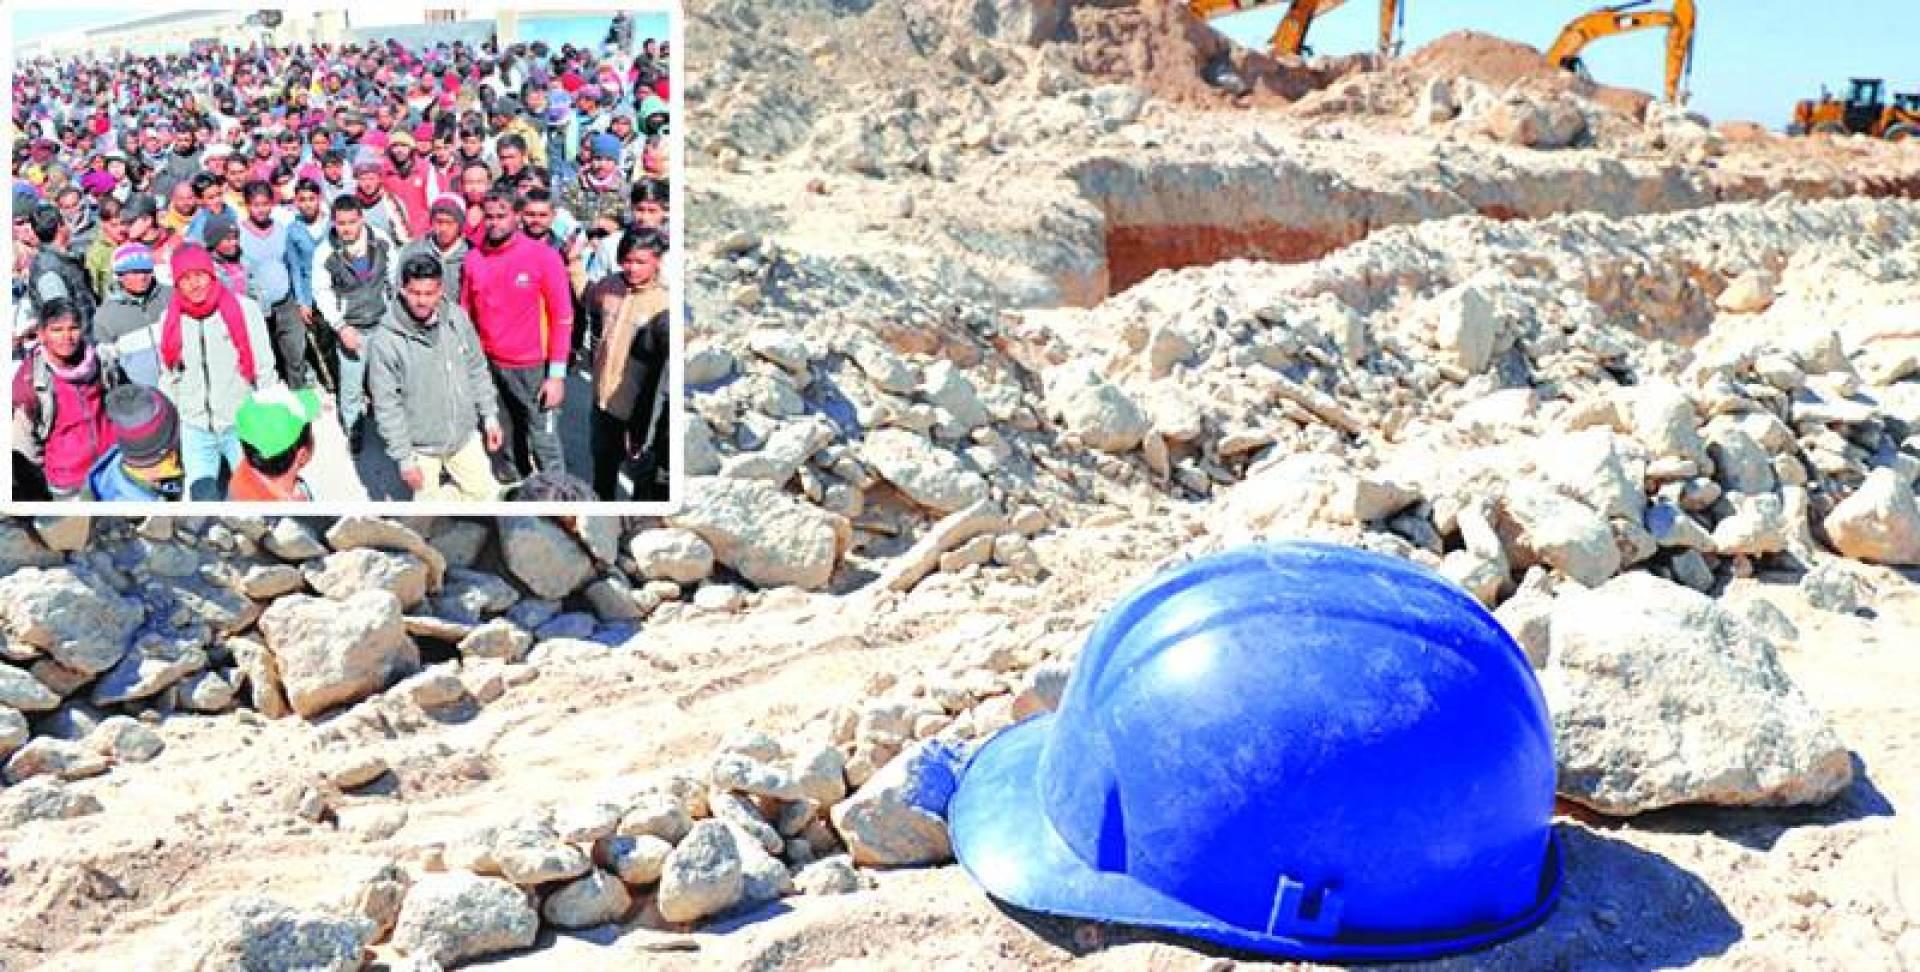 خوذة السلامة شاهدة على الانهيار! .. وفي الإطار جانب من إضراب العمال | تصوير حسني هلال